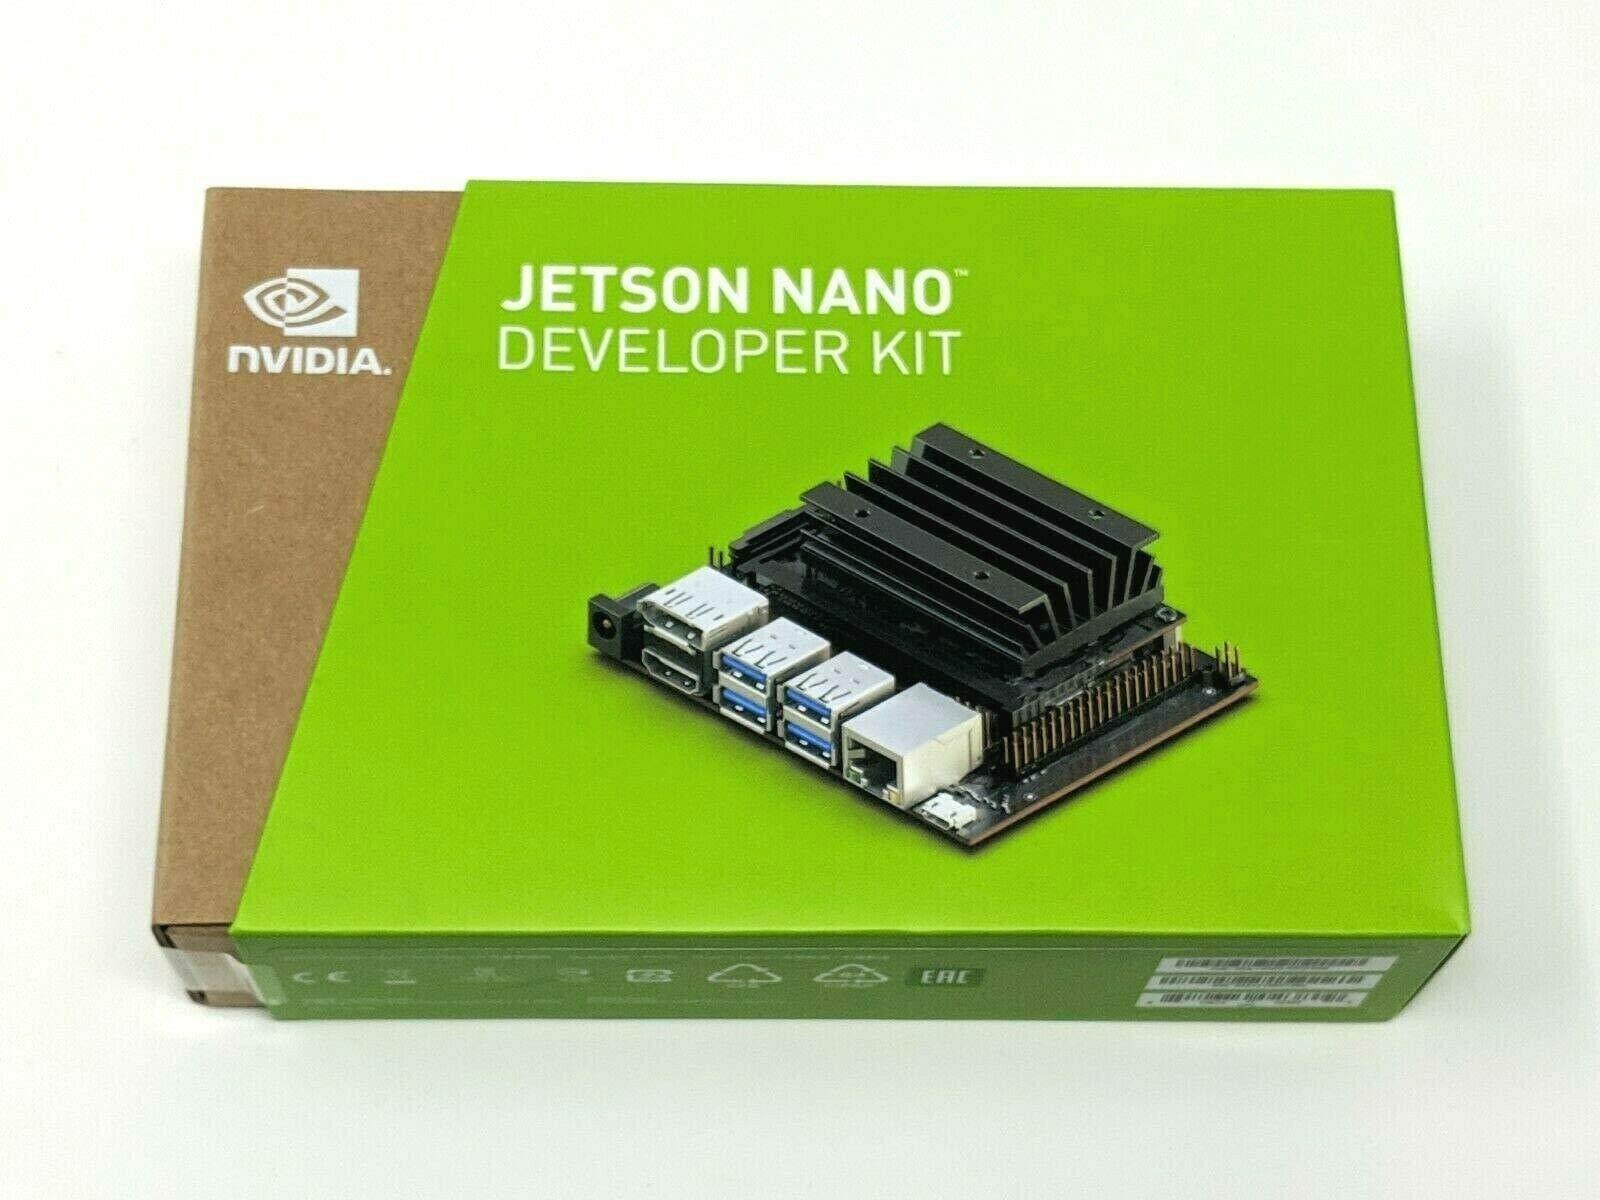 NVIDIA Jetson Nano Developer Kit (945-13450-0000-100)